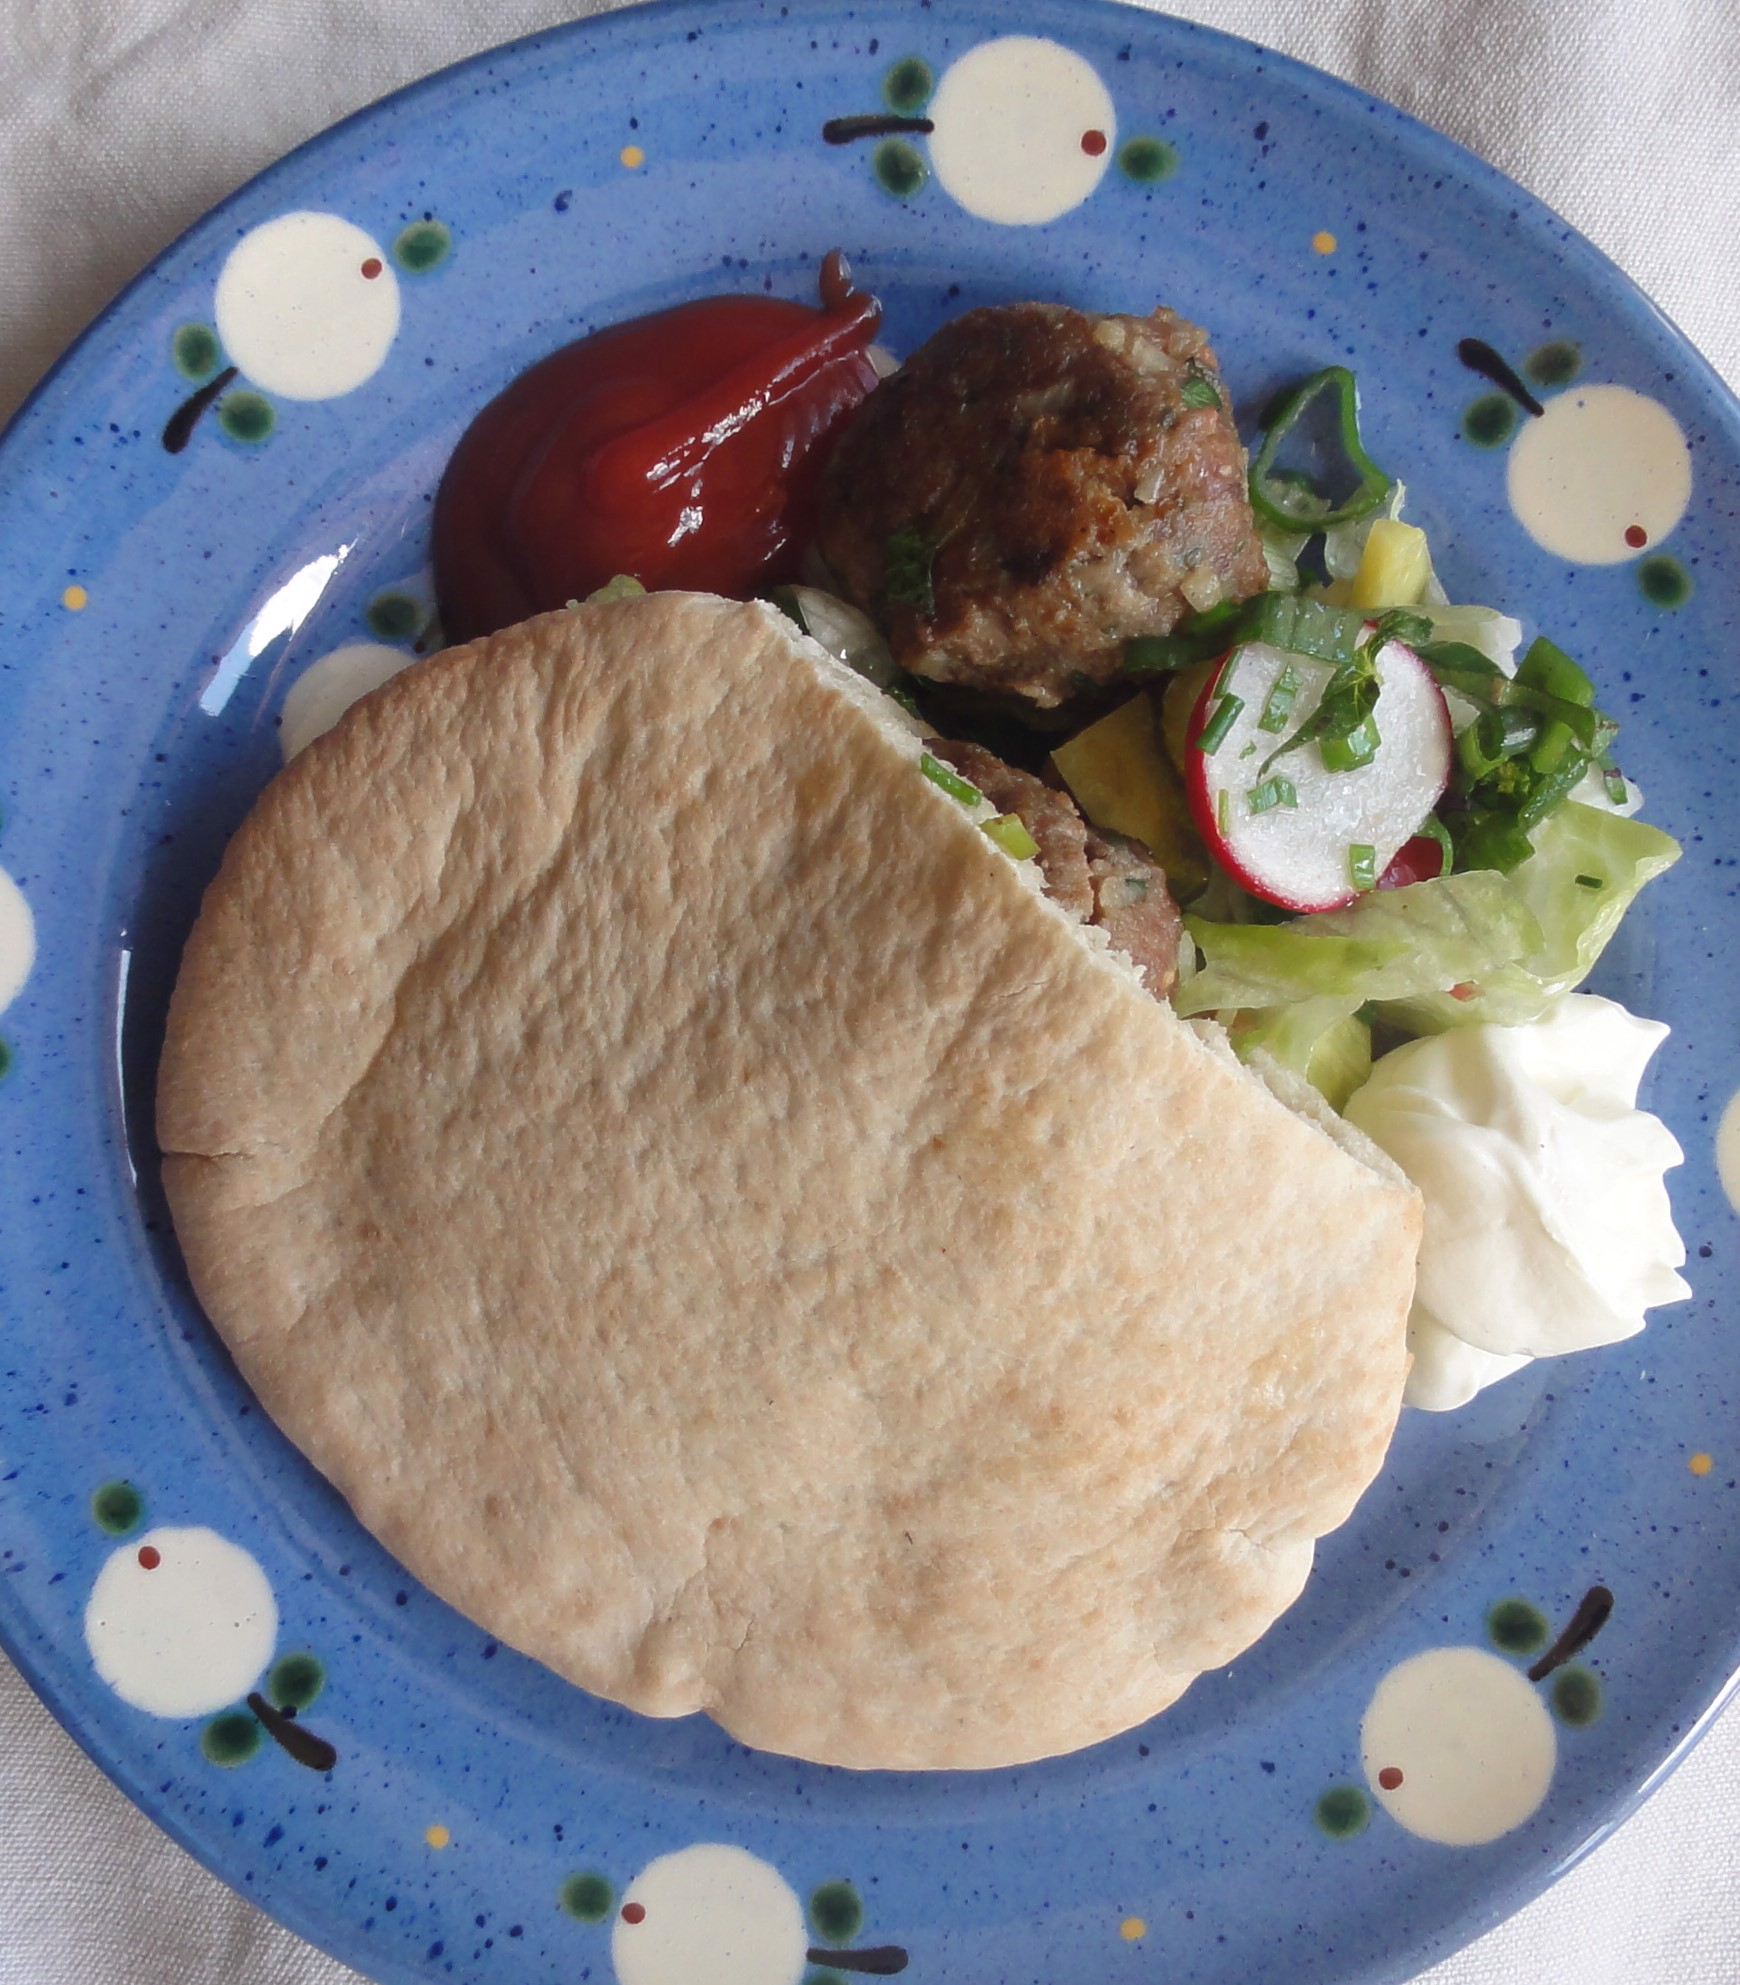 Kräuterburger